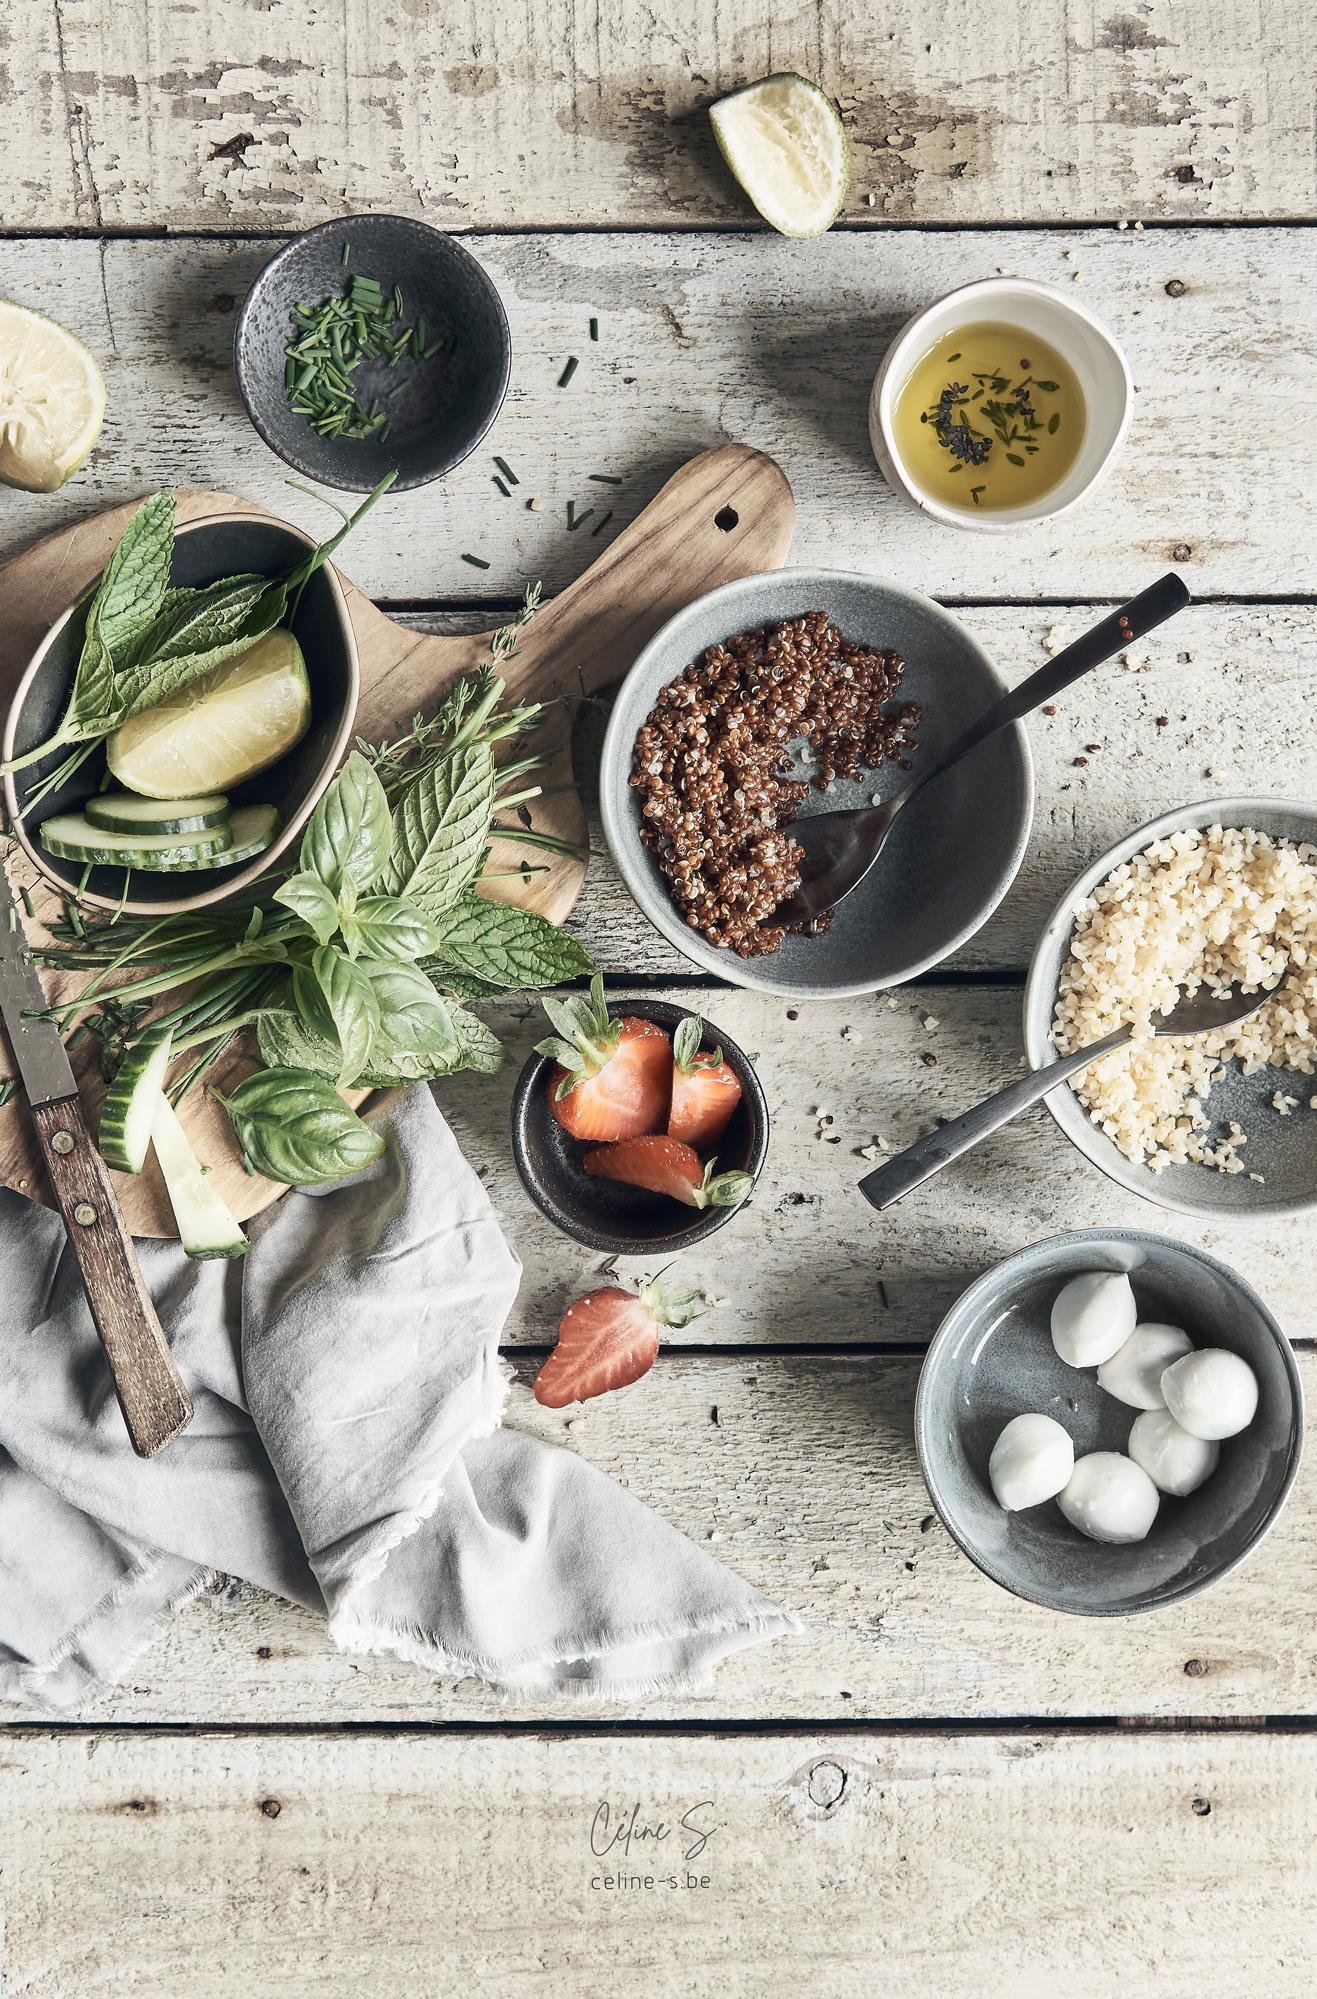 Céline Stiévenard - recette et photo des ingrédients pour de salade boulgour, fraise, kinoa et mozzarella- styliste culinaire food - création de photo food - Liège, Belgique